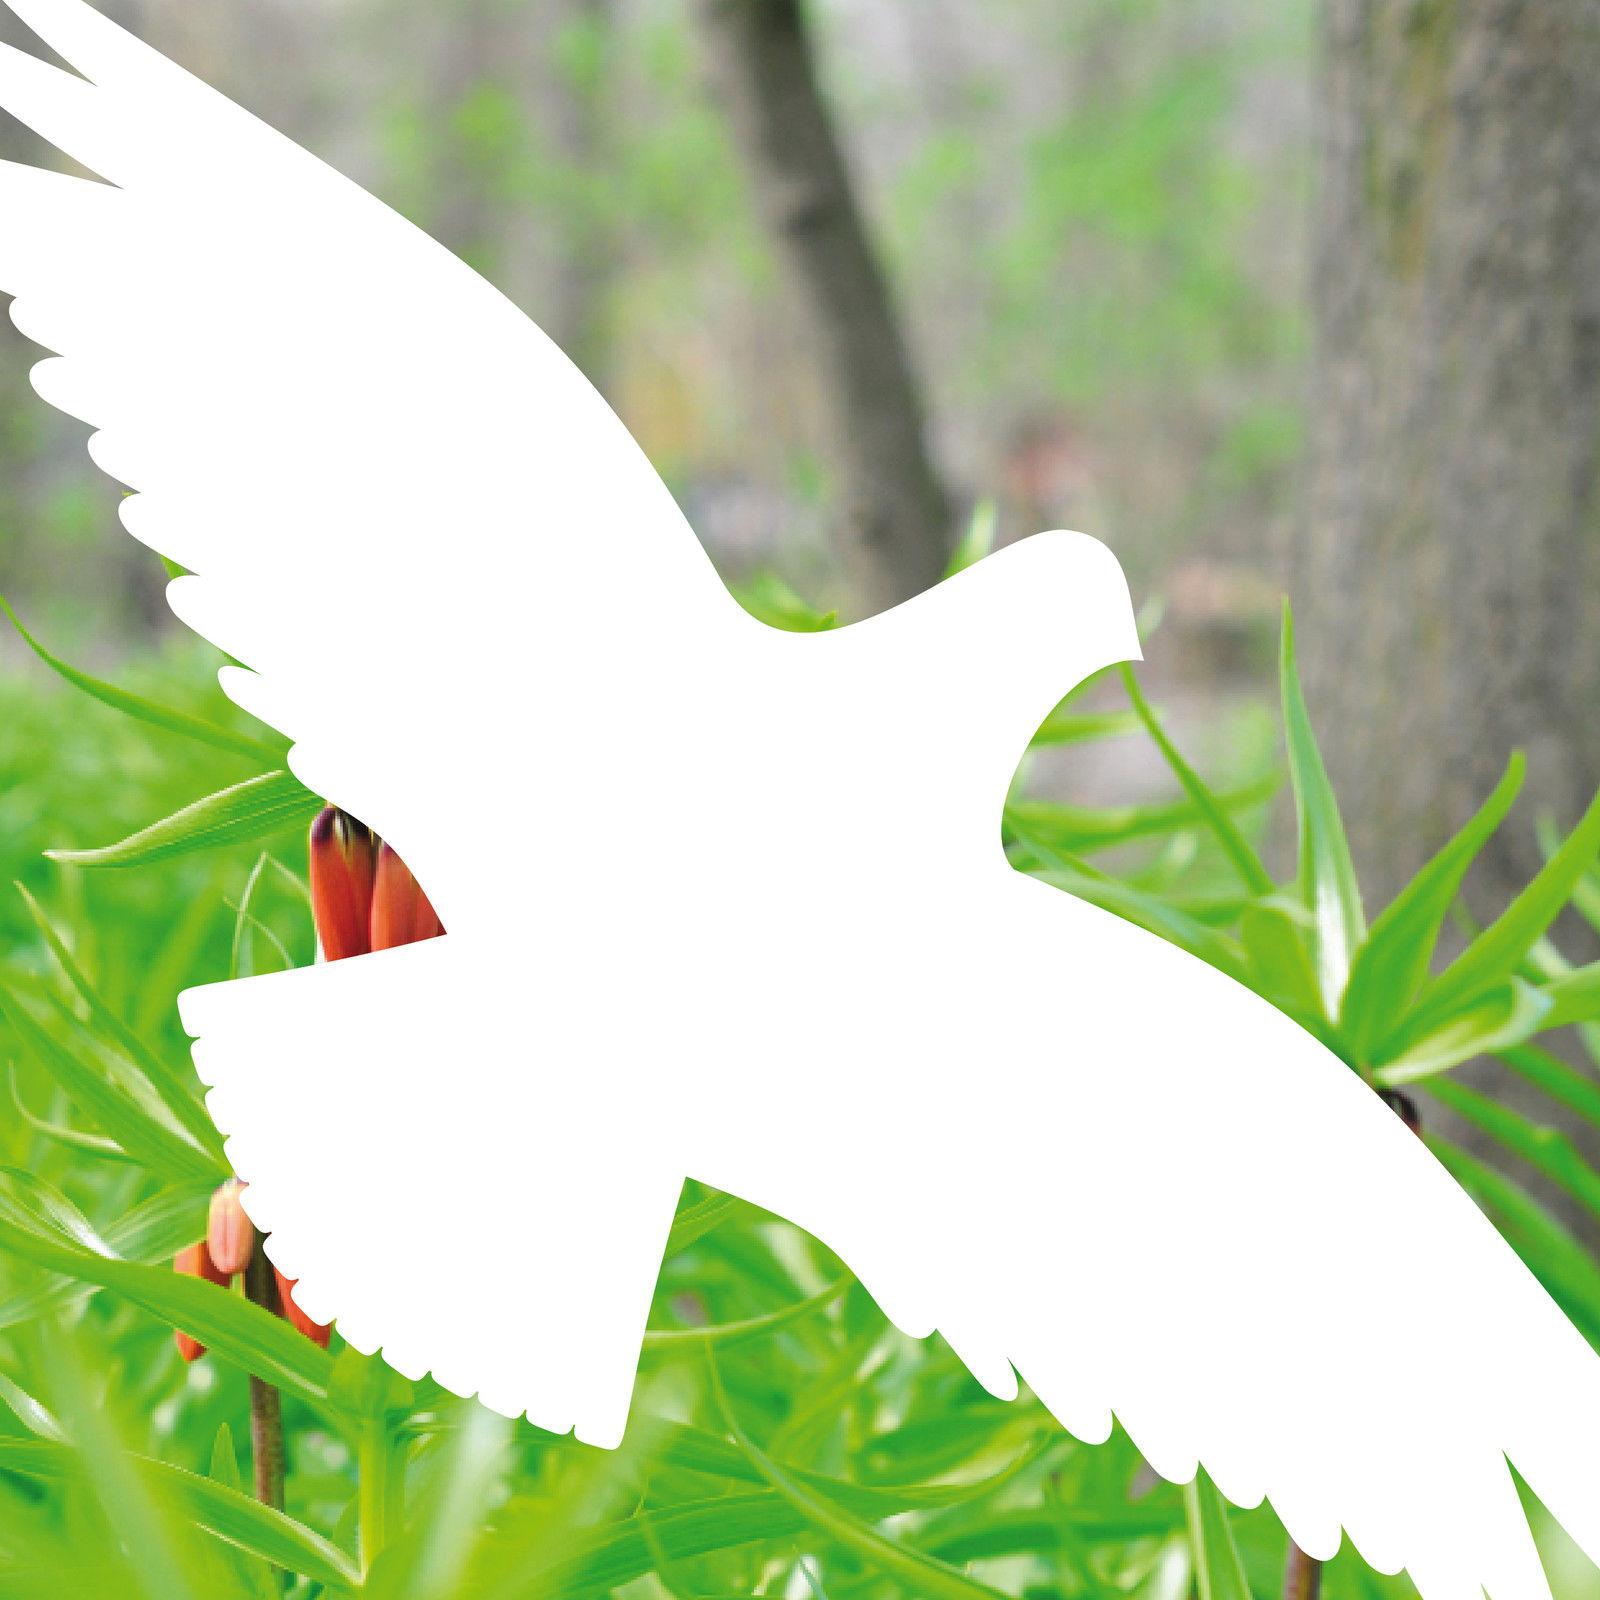 4 aufkleber 25cm wei vogel fenster glas scheibe fensterfolie vogelschutzfolie kaufen bei green it. Black Bedroom Furniture Sets. Home Design Ideas